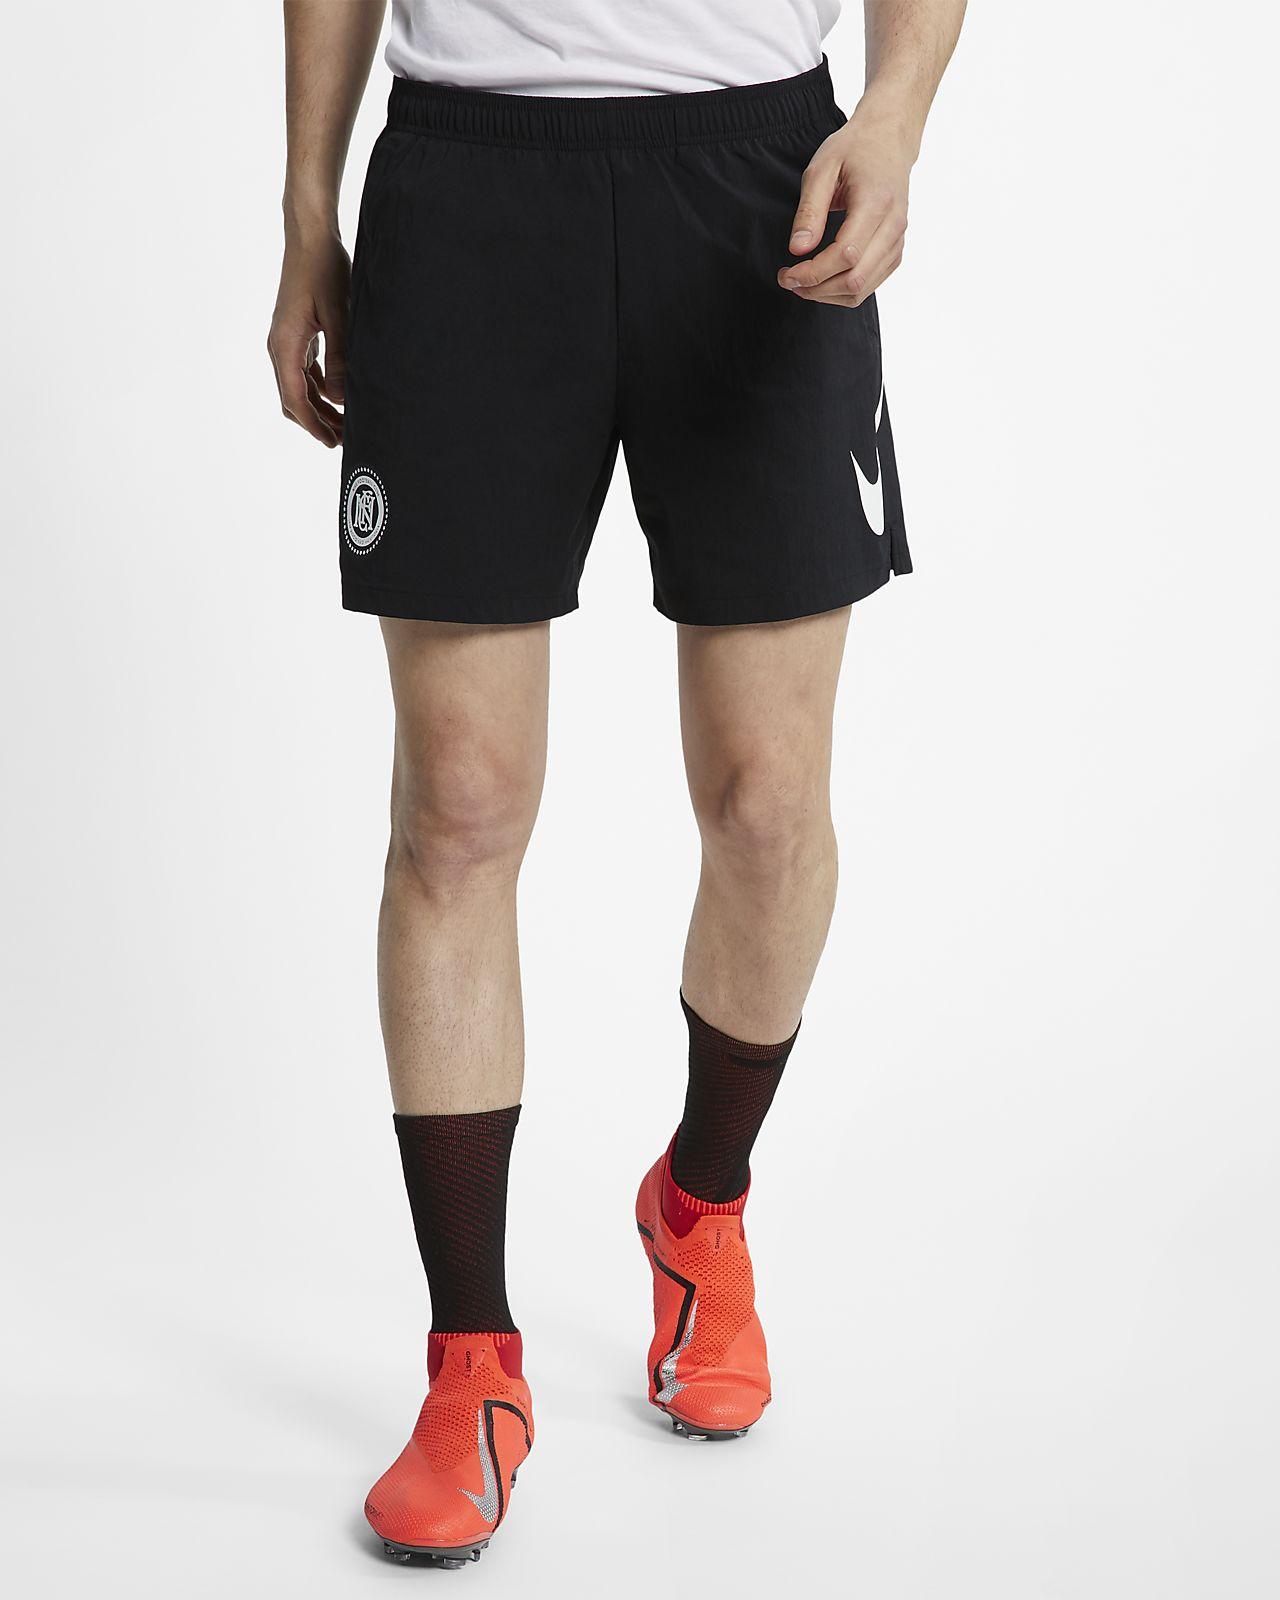 Nike F.C. Herren-Fußballshorts